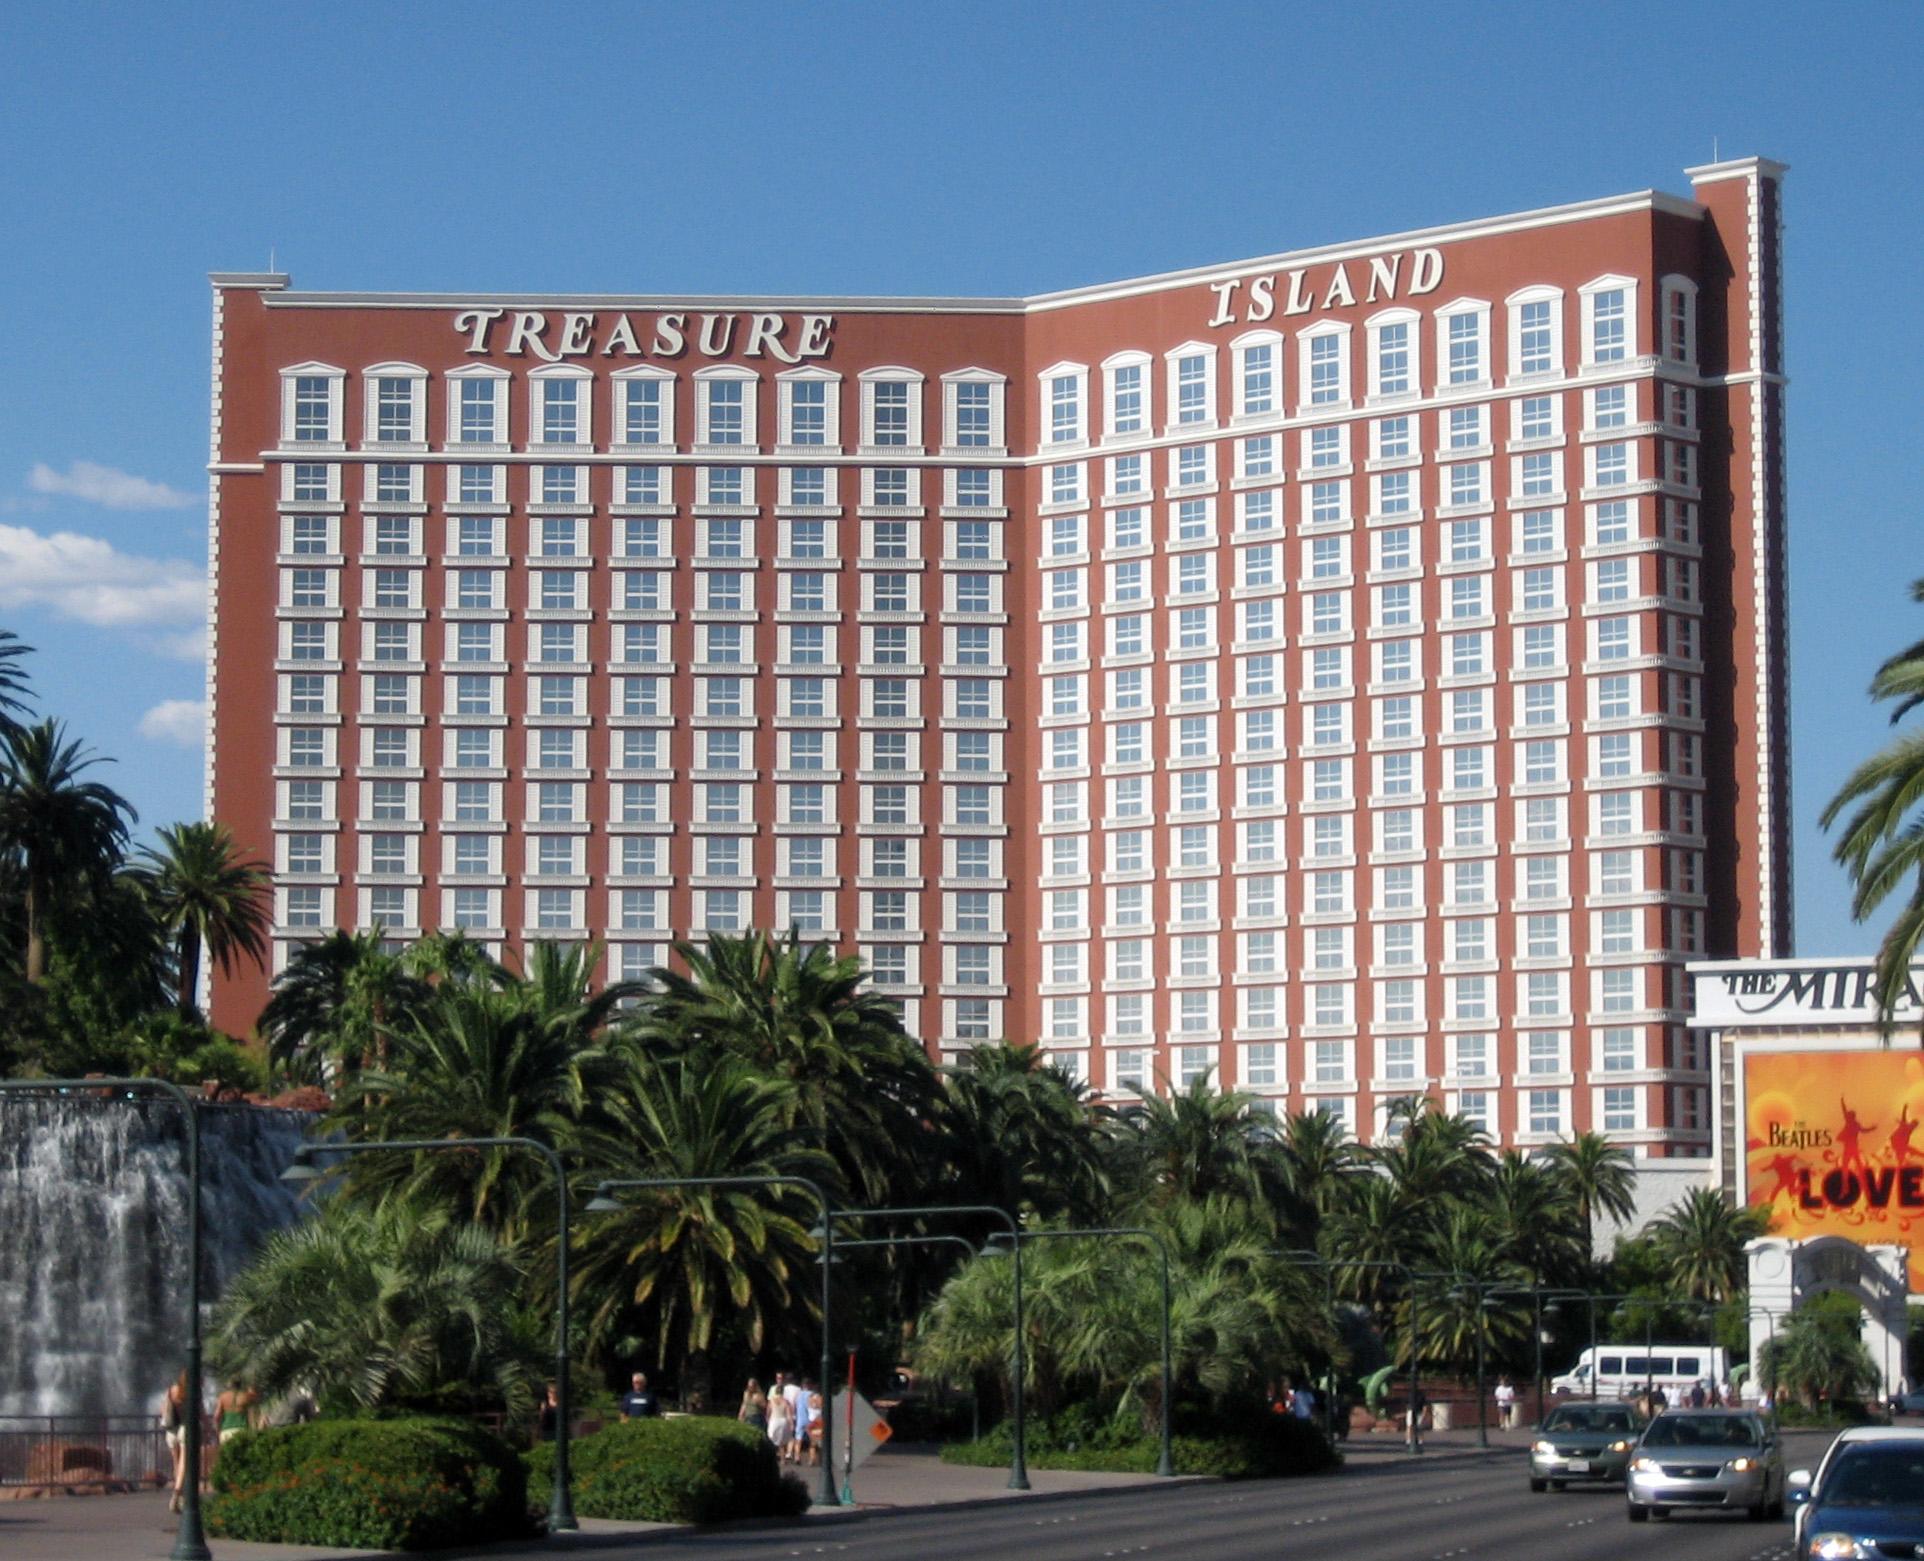 Treasure island casino en nueva orleans verificación-23423